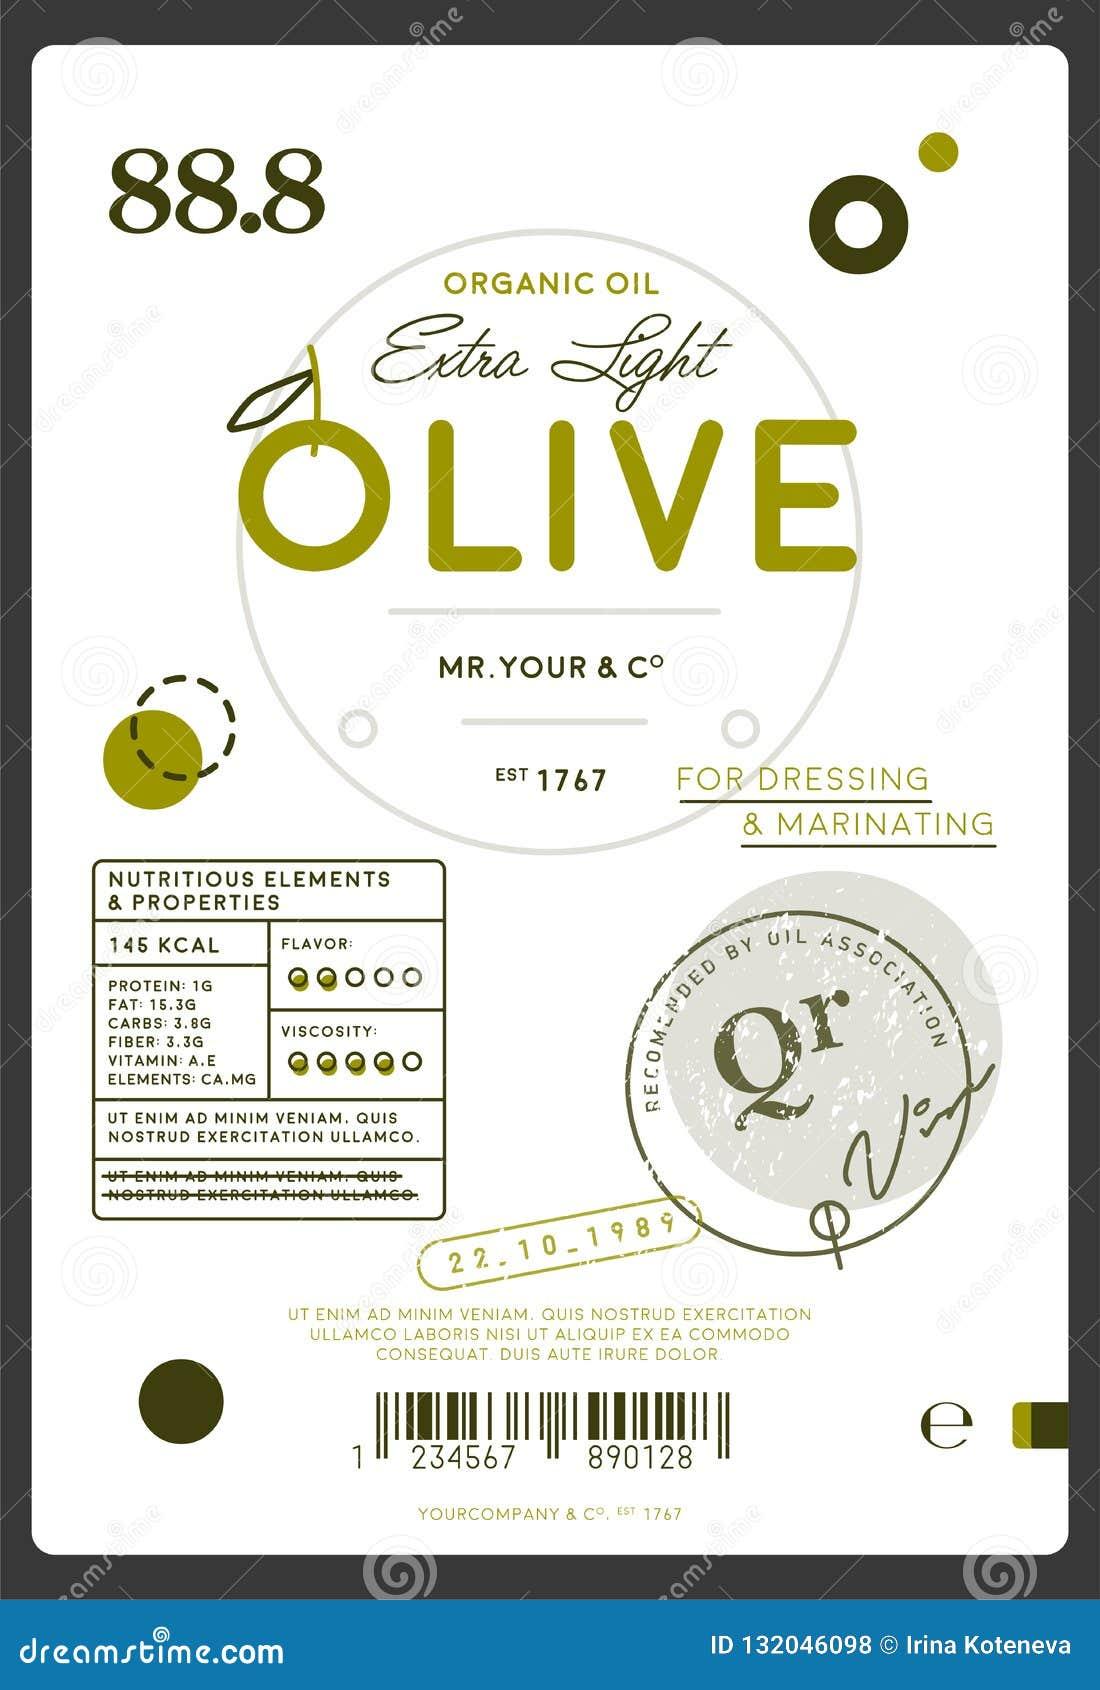 Etiqueta virgem extra do azeite da qualidade superior